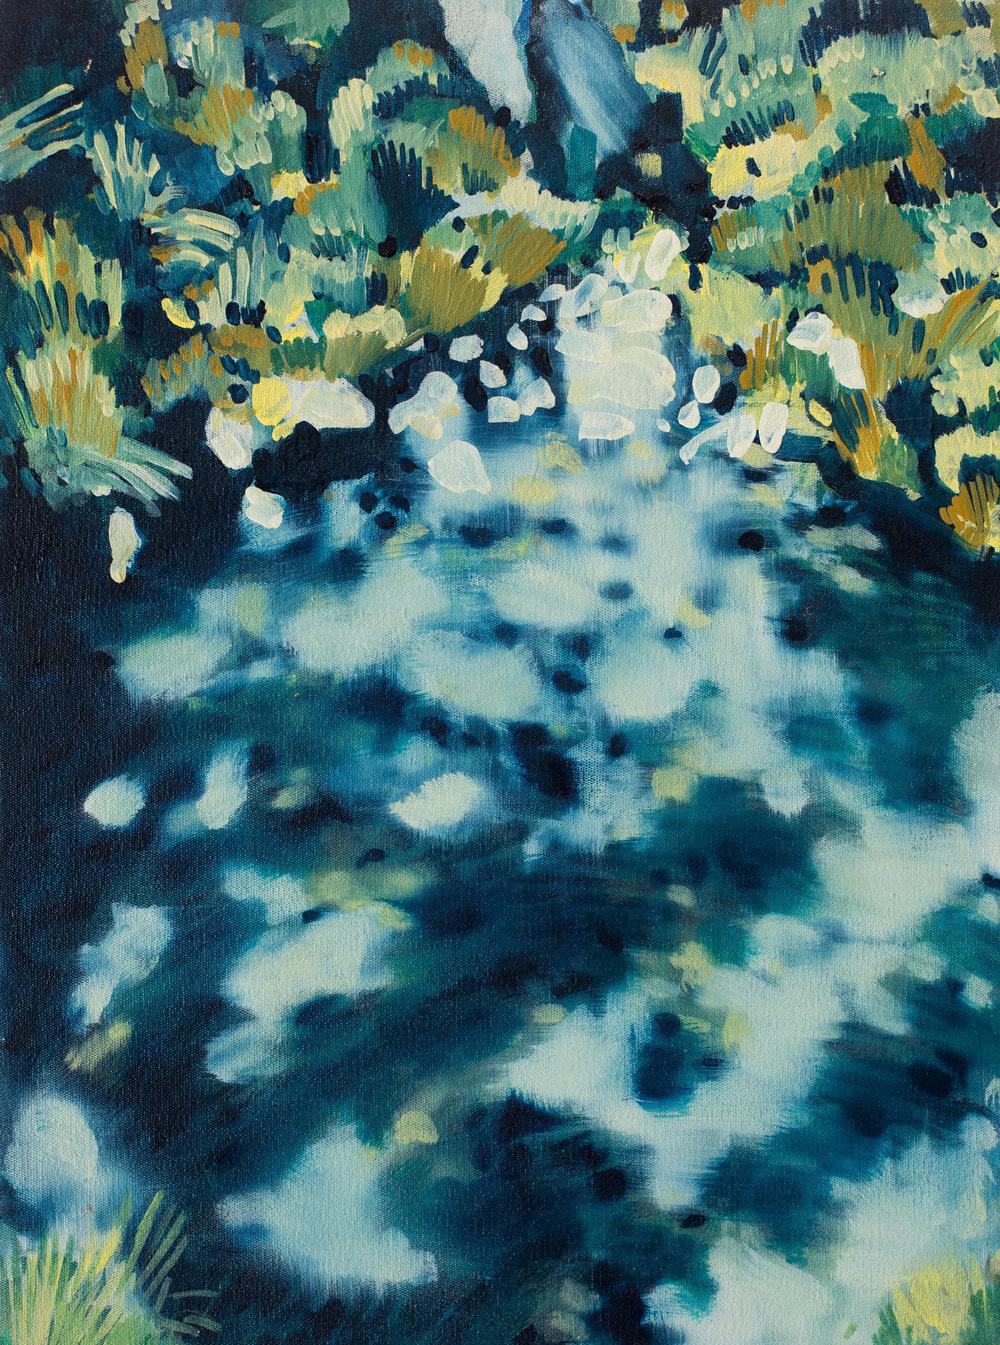 ' Hidden Gem'   Leila Walter  Oil on canvas  400 x 540 x 40 mm  R 4340.00 excl. vat